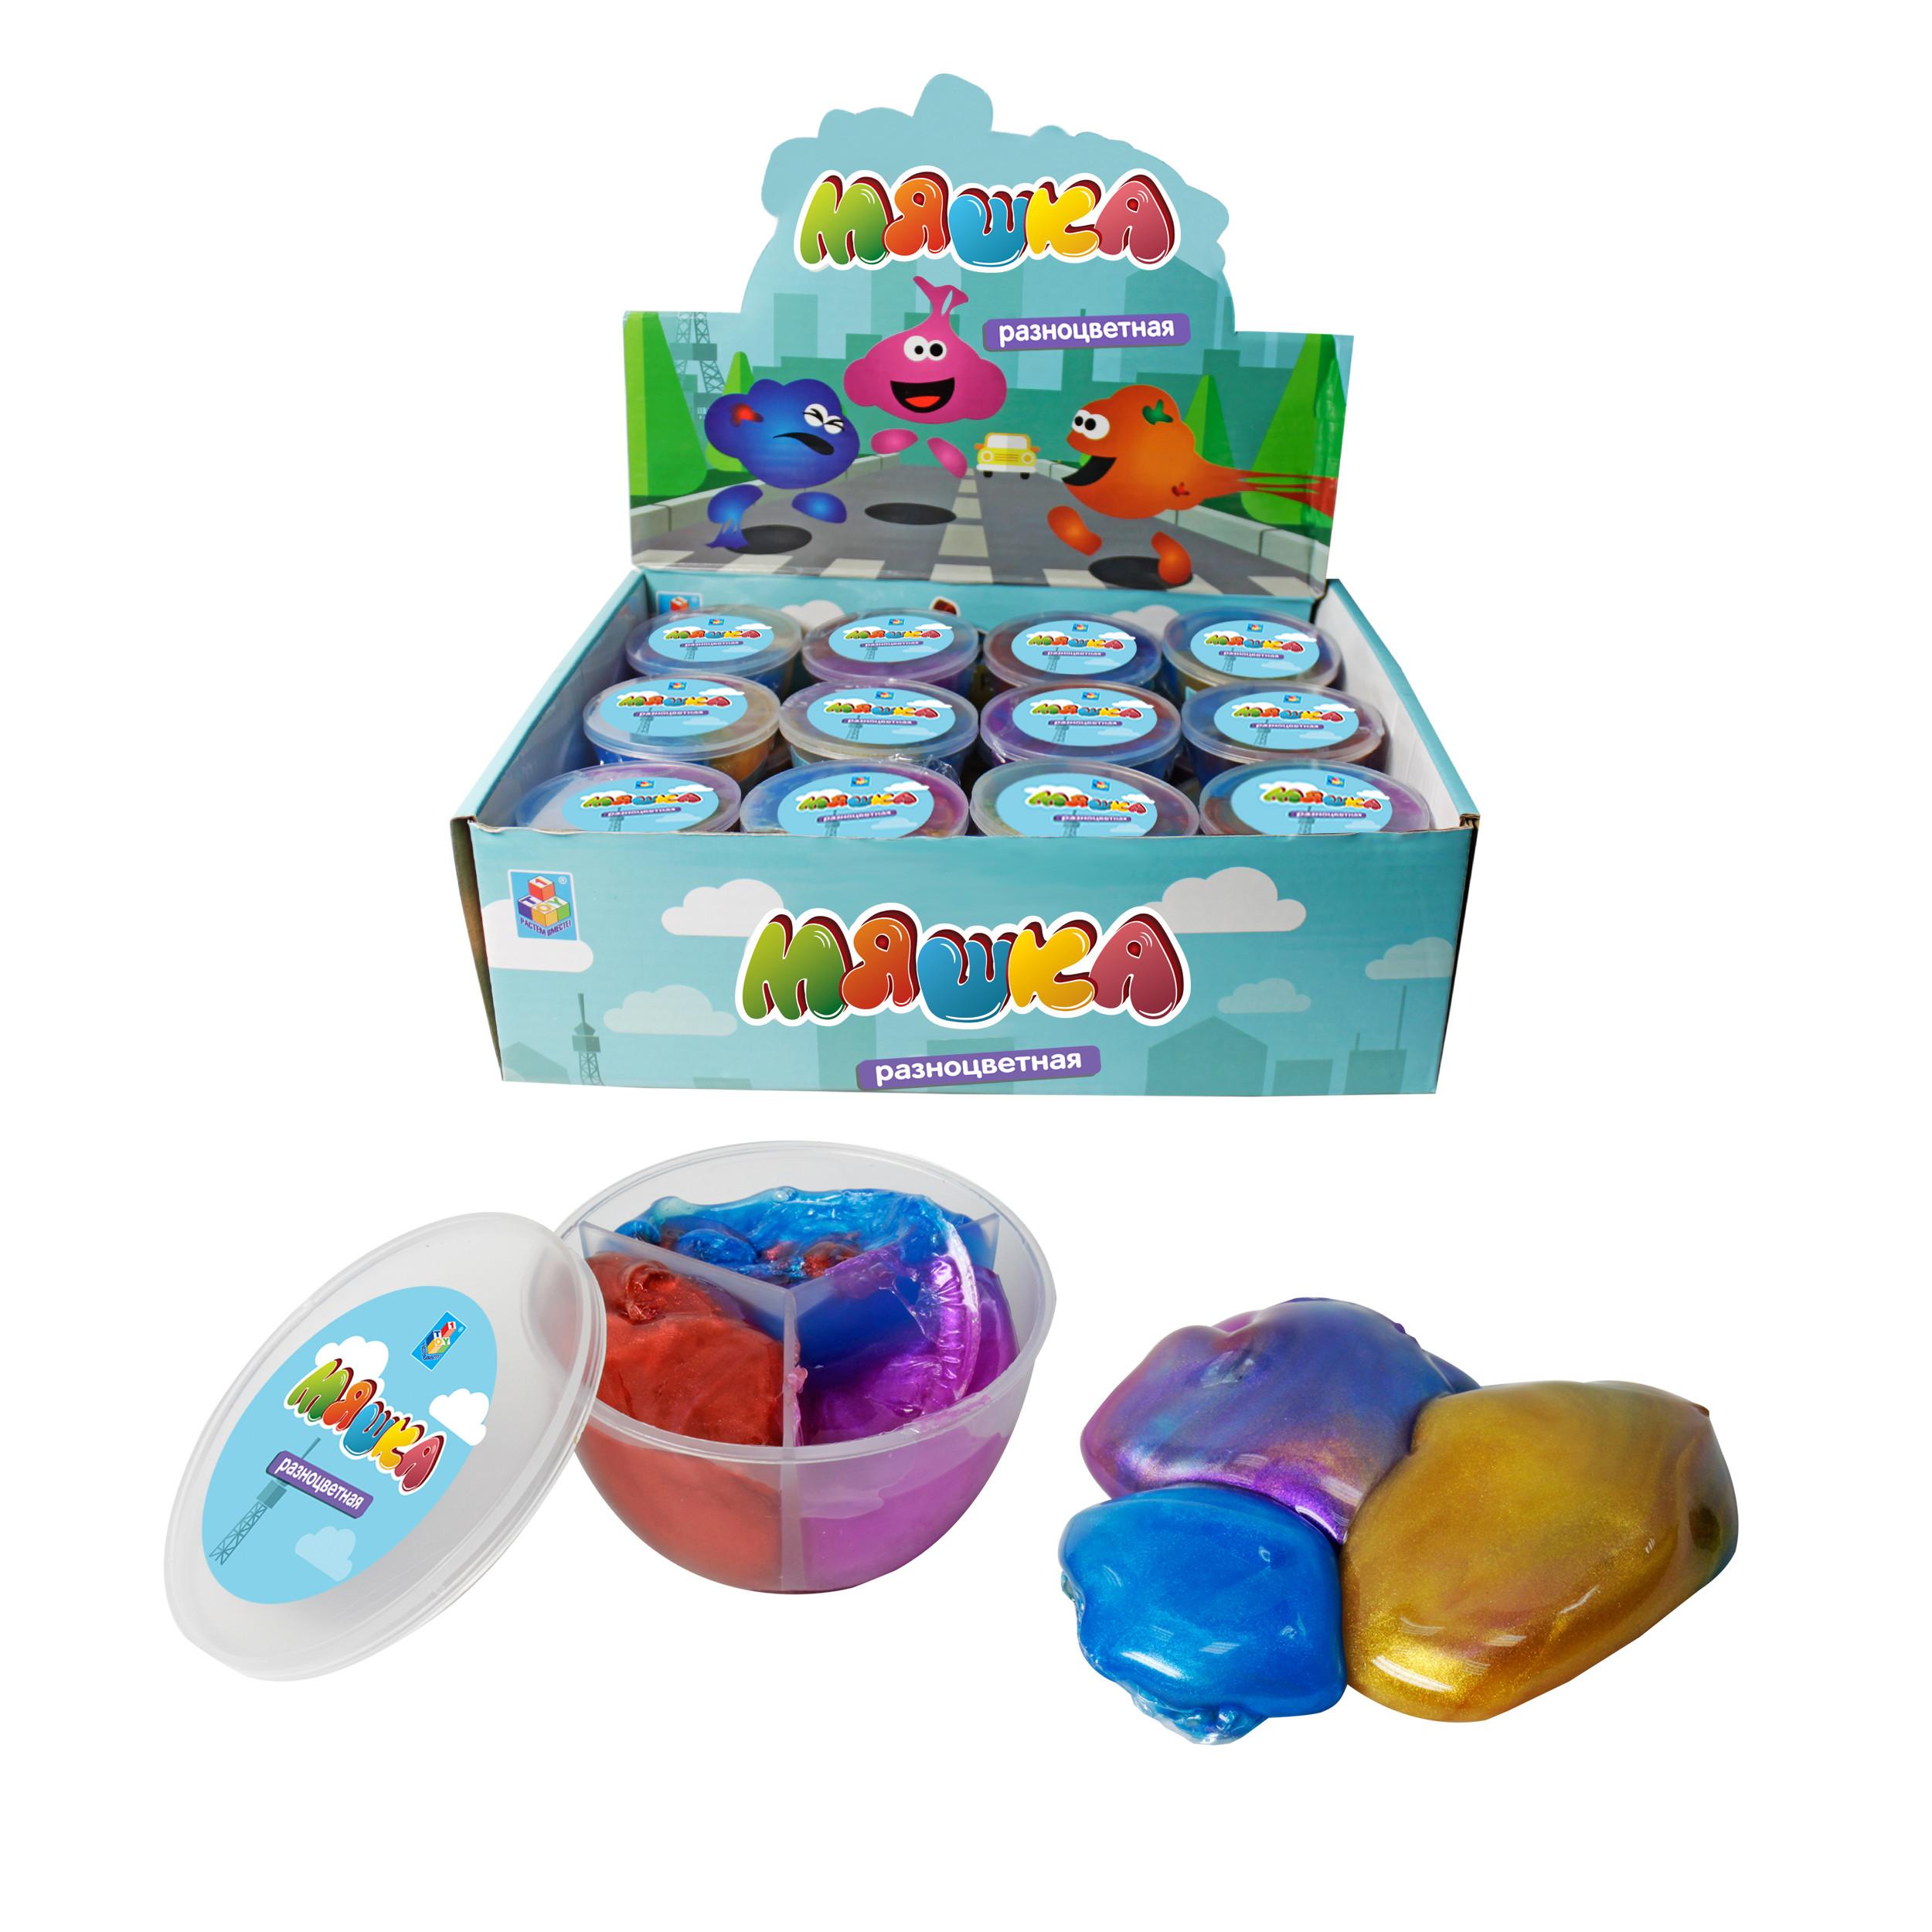 Мяшка 1toy Мелкие пакости наборы для творчества 1toy мяшка 1тoy мелкие пакости яйцо двухцветное 50 г